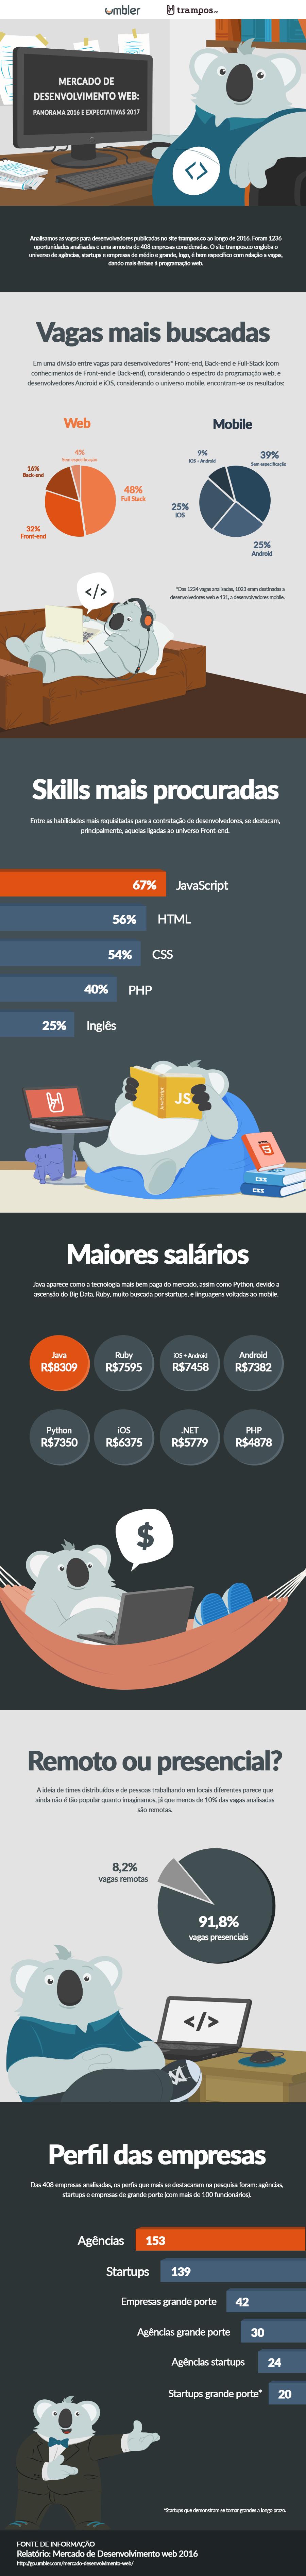 Infográfico sobre mercado de desenvolvimento web